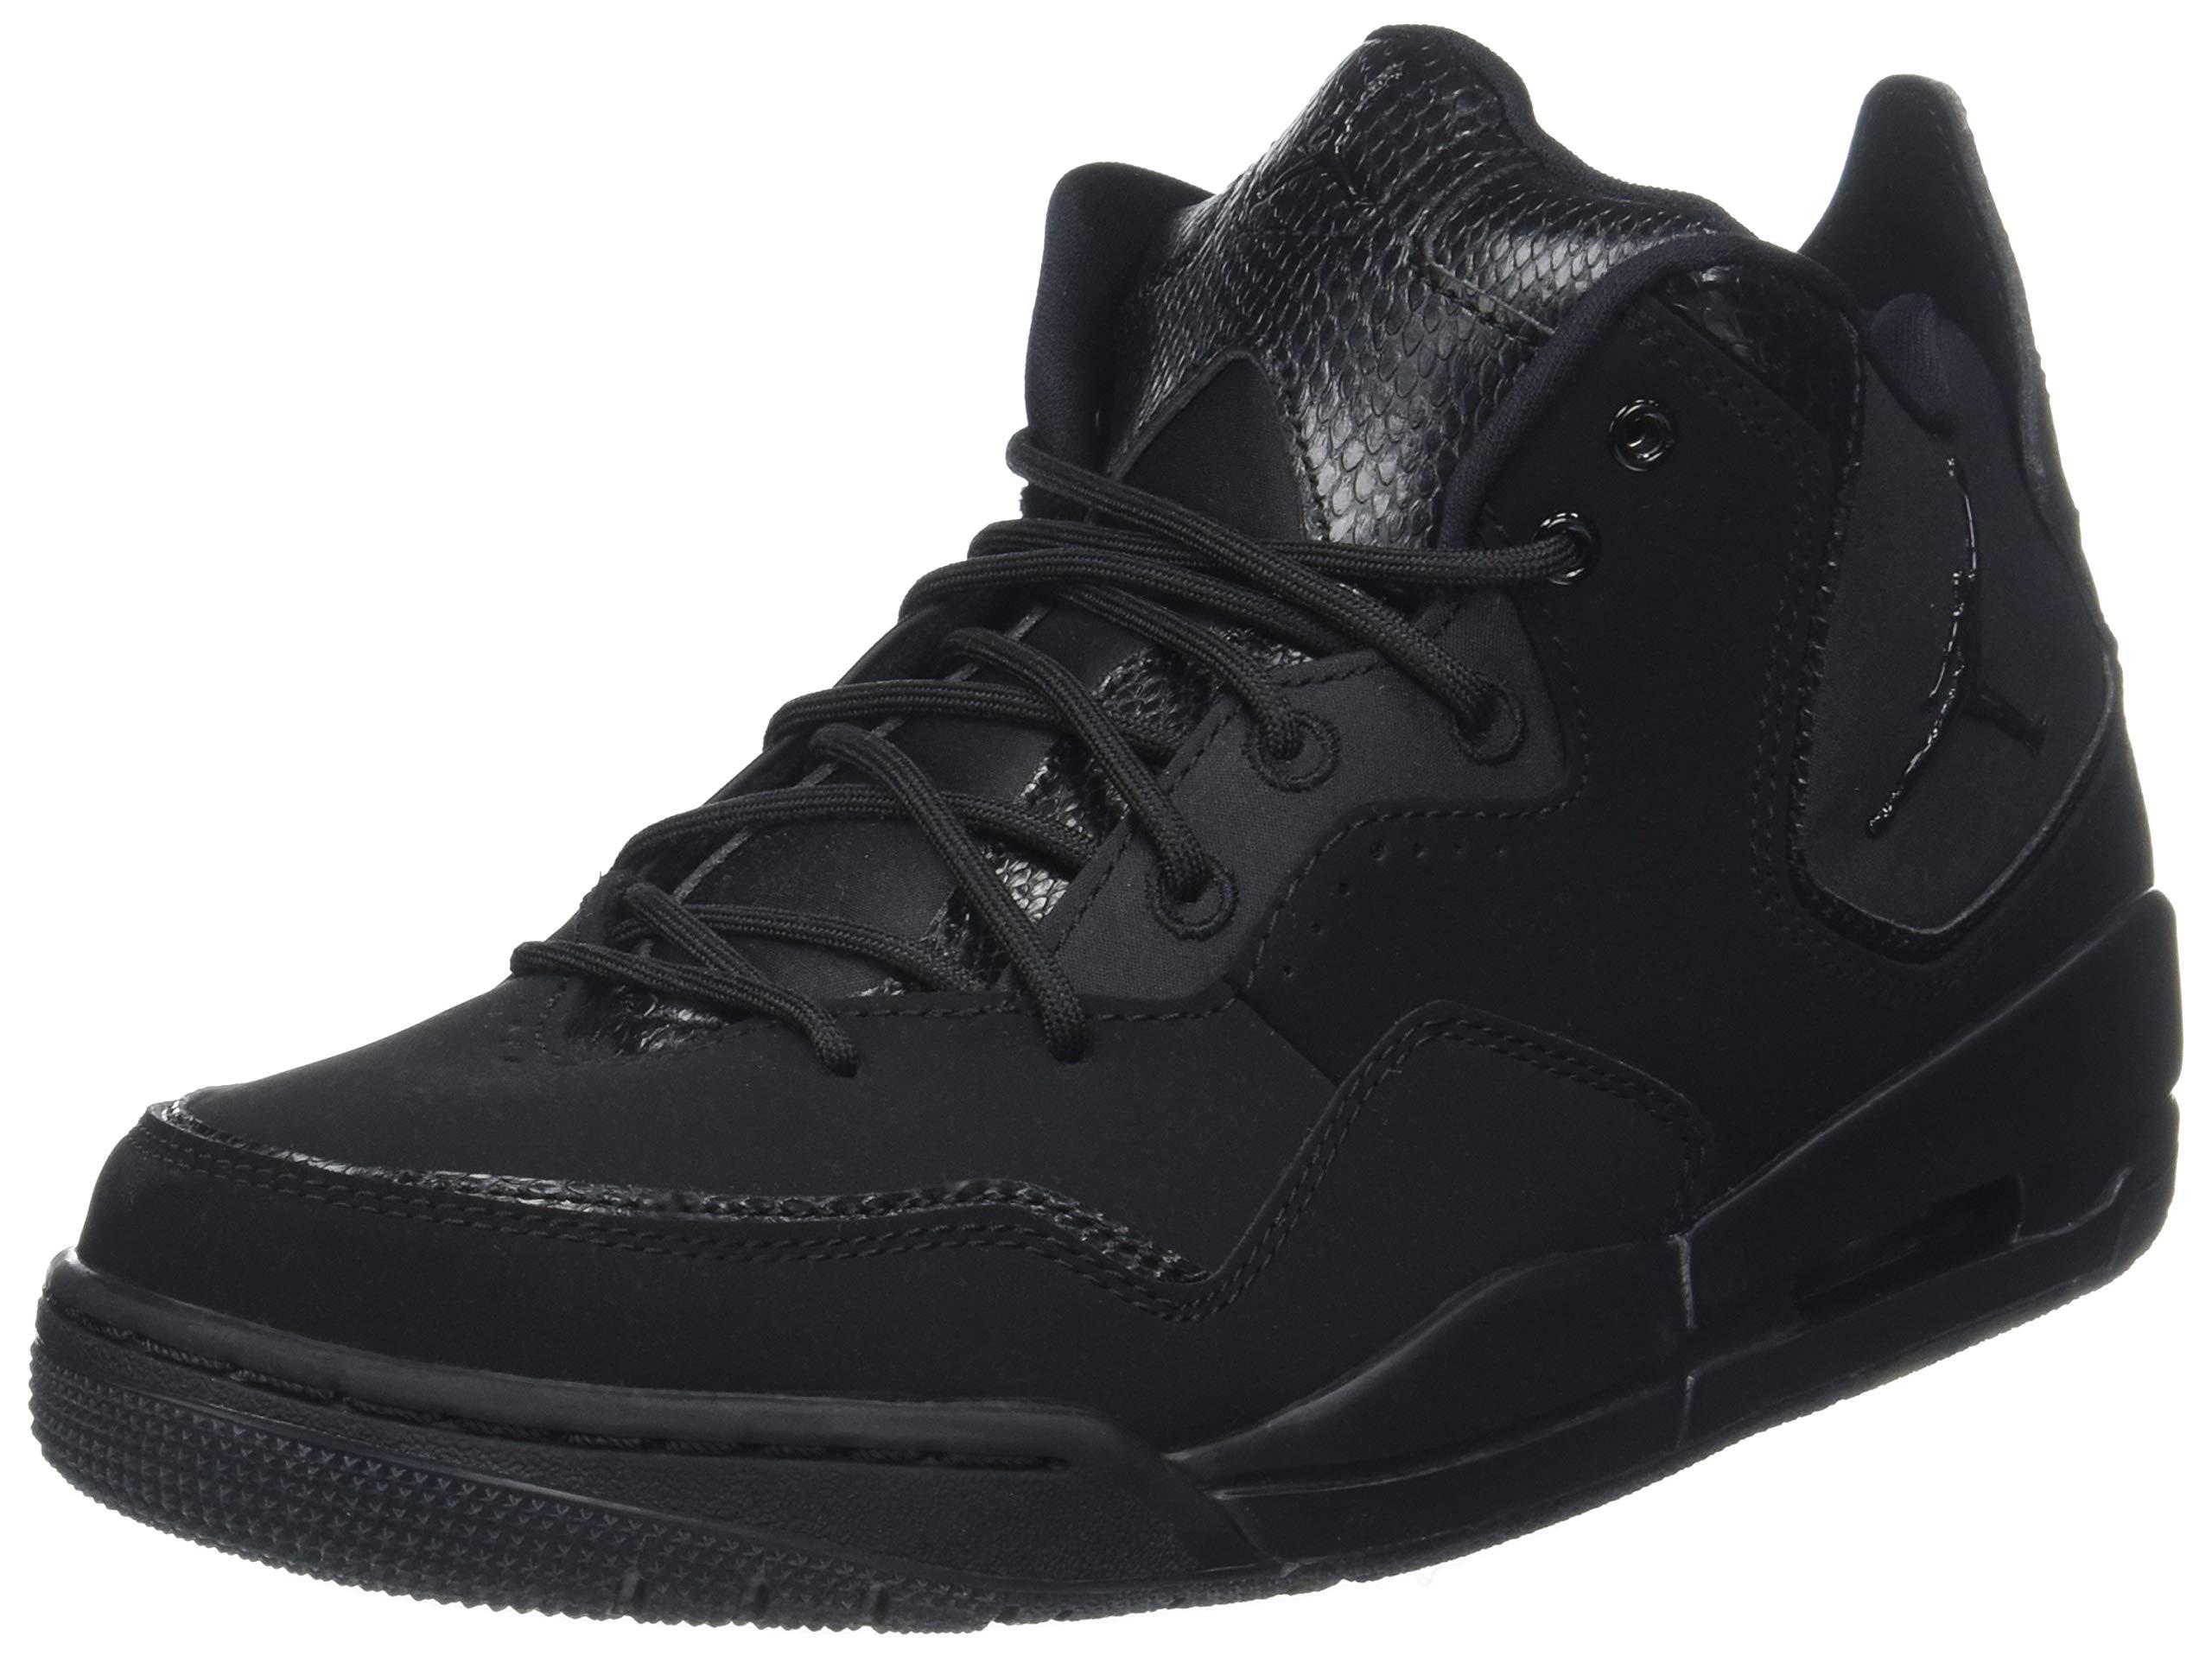 Jordan Courtside 23 Basketball Shoes